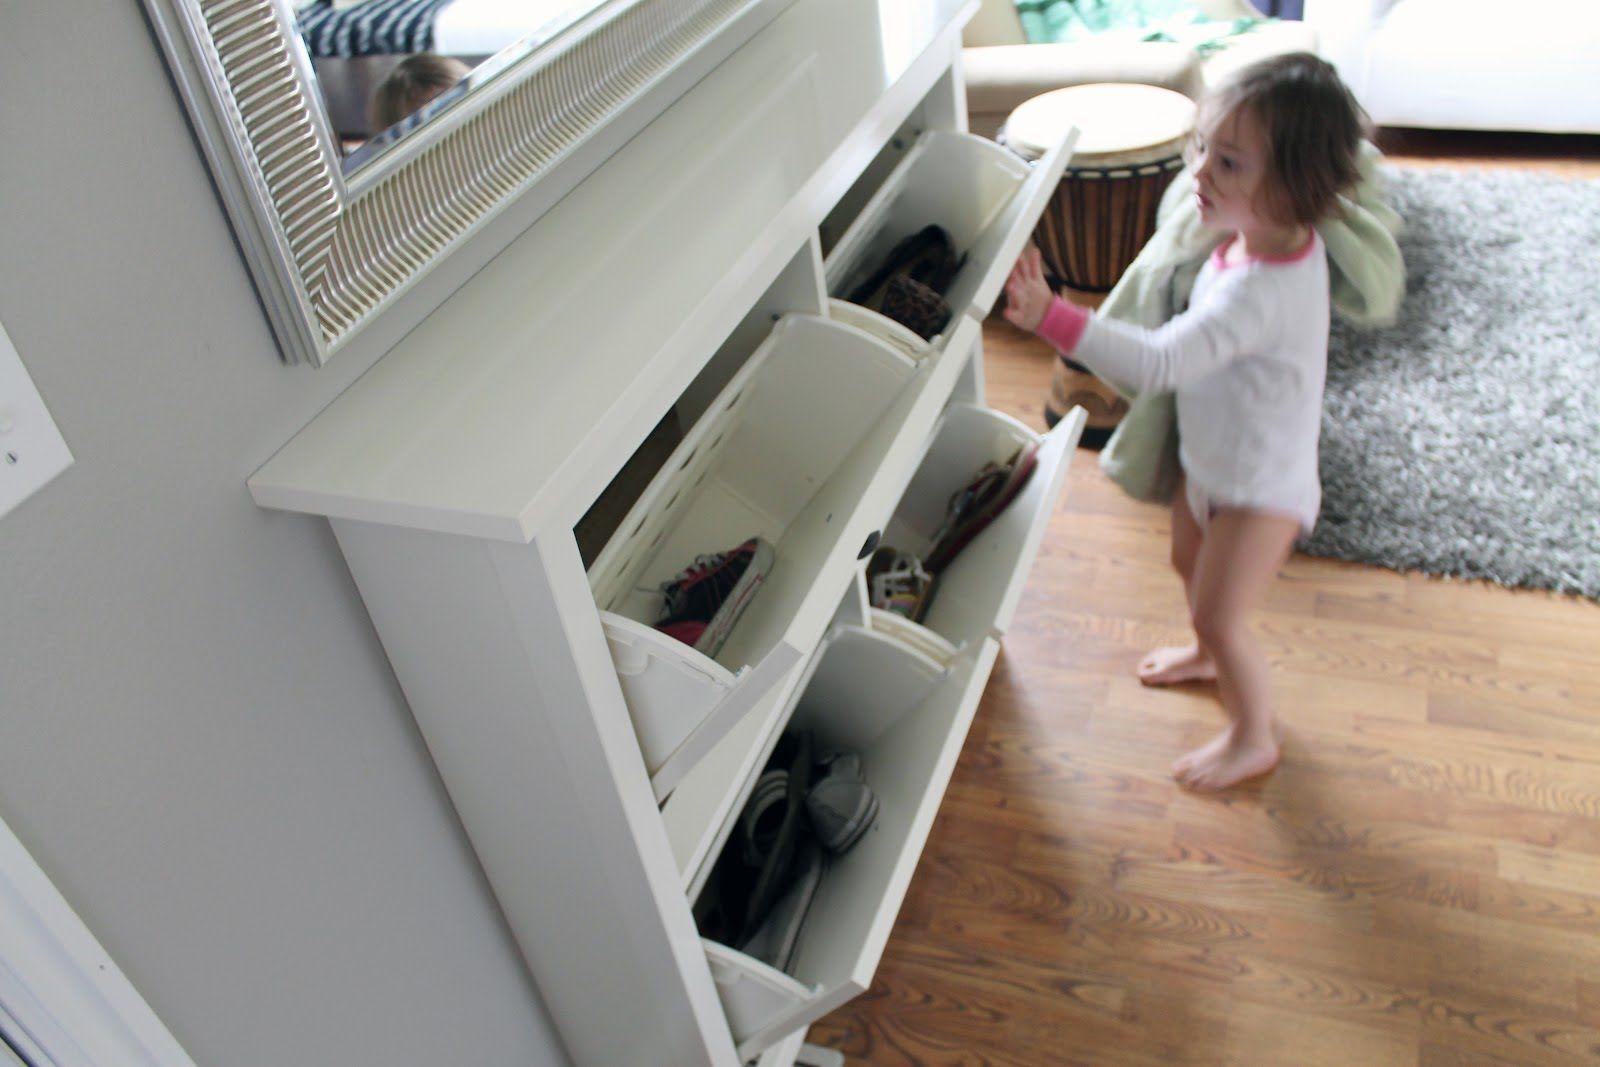 كيفية عمل جزامة من الكرتون How To Make A Shoes Cabinet From Cartoon Entryway Shoe Storage Parlor Floor Living Room Inspiration